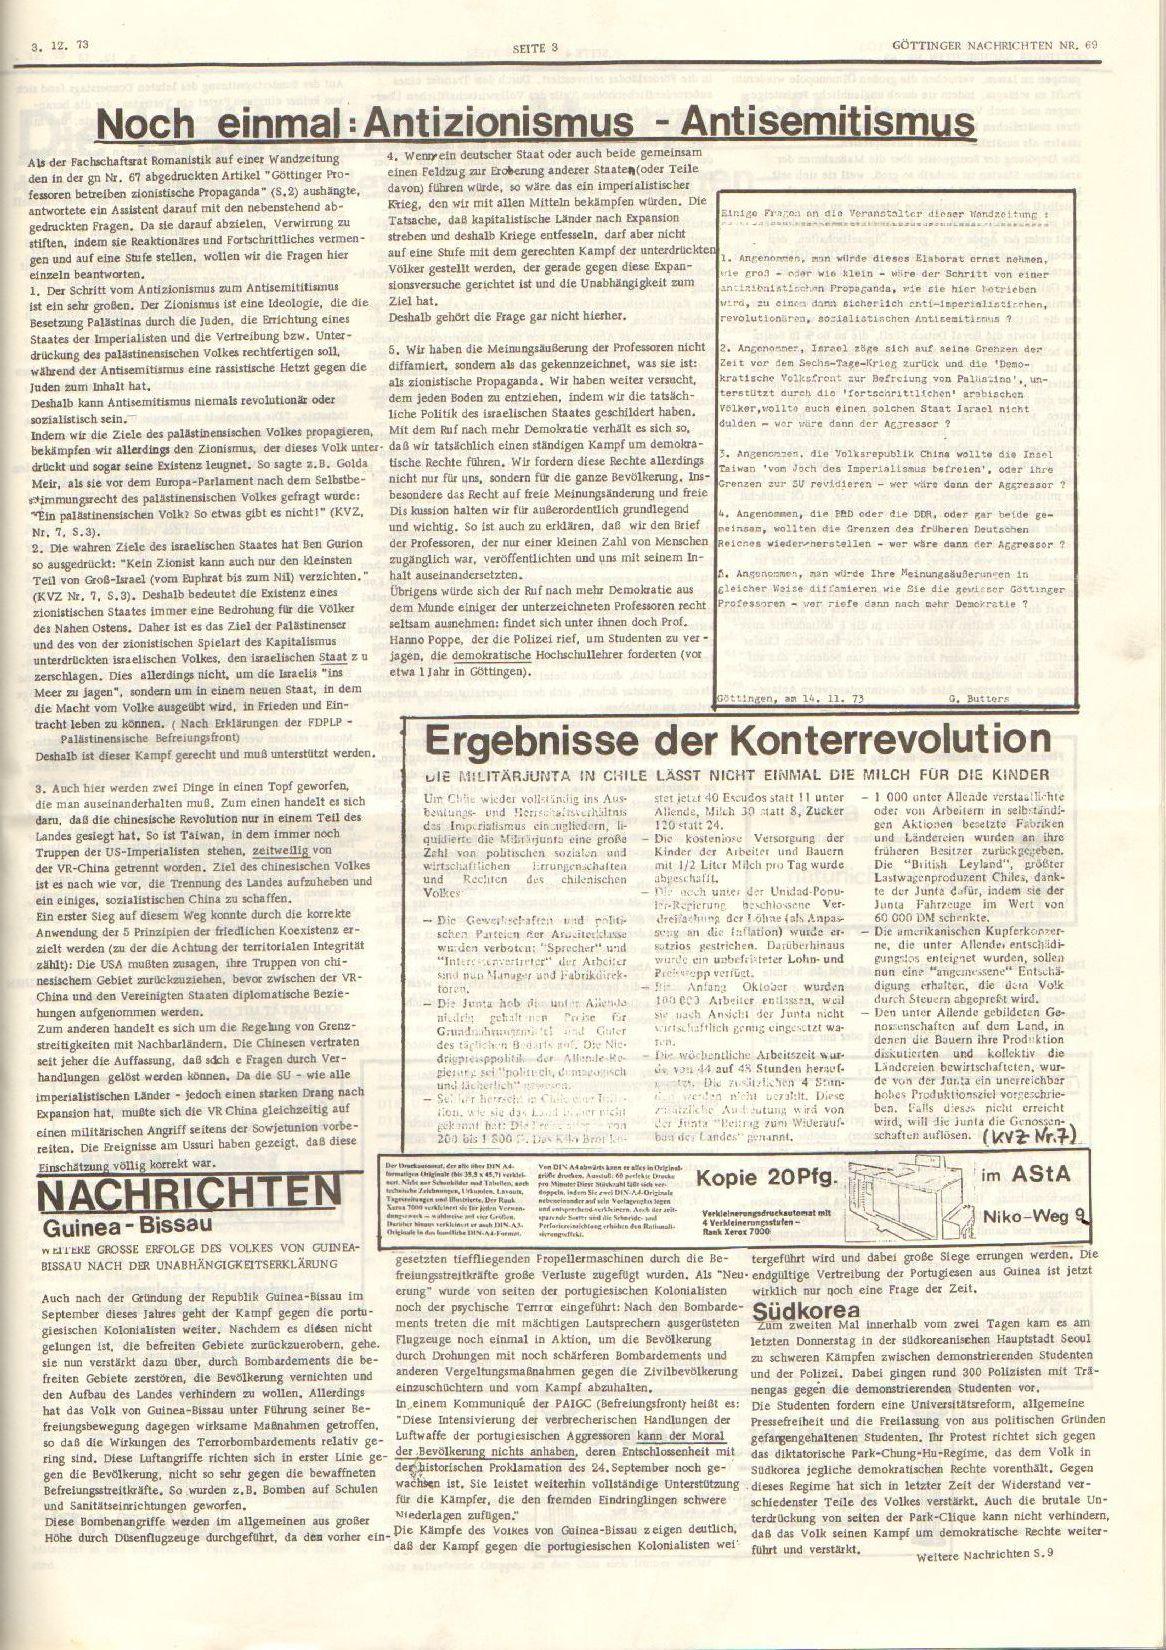 Goettinger_Nachrichten451